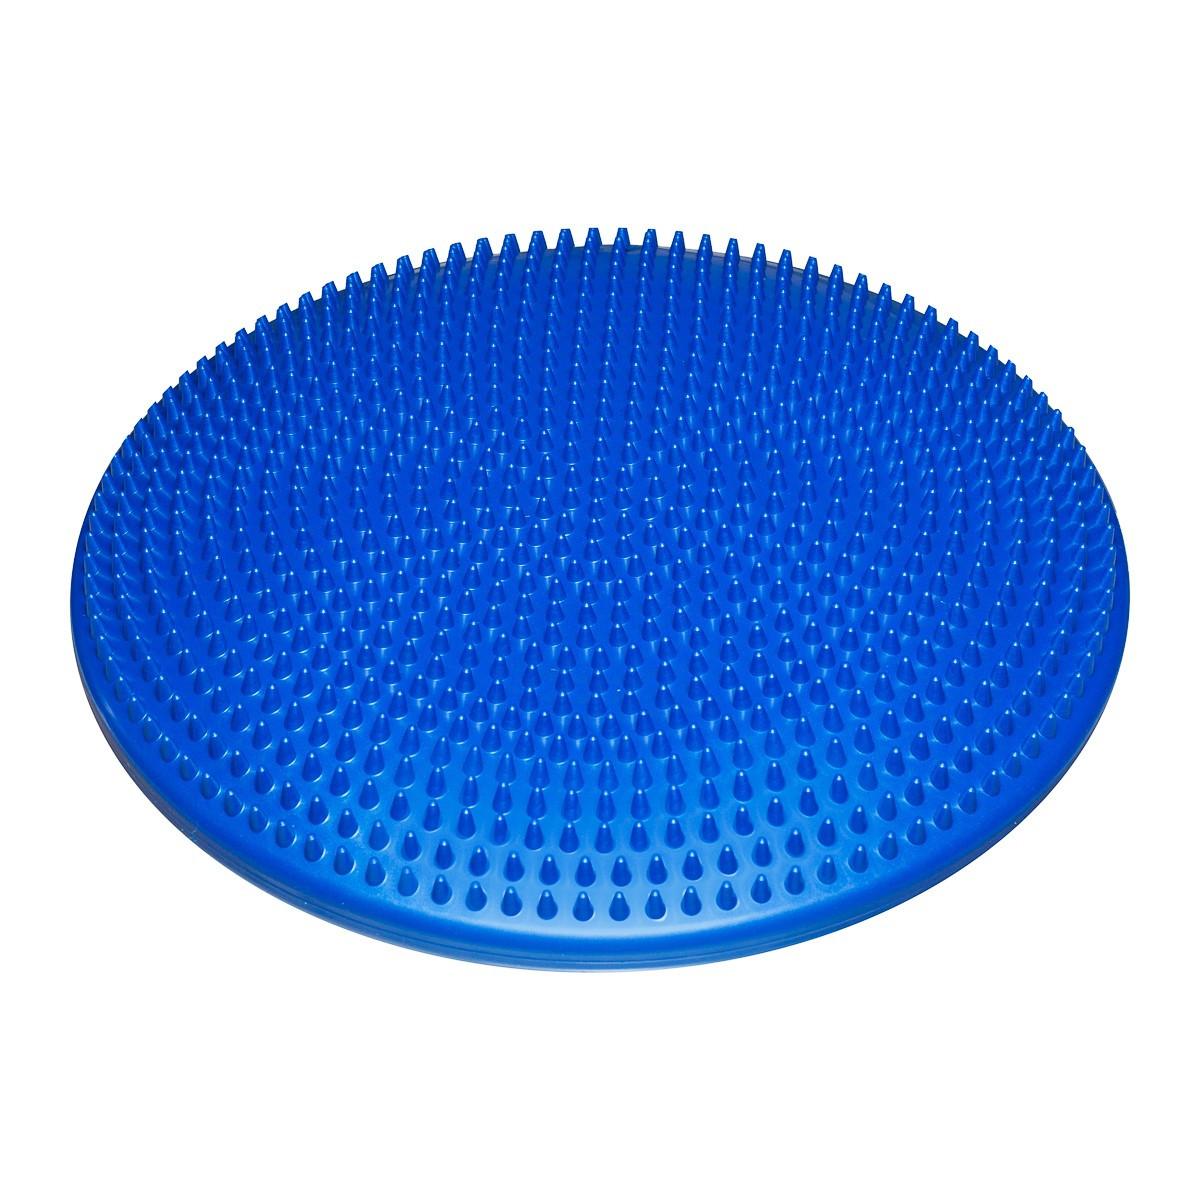 Масажер-подушка балансувальна (висота 2,5 см) ОМ-511, OrtoMed